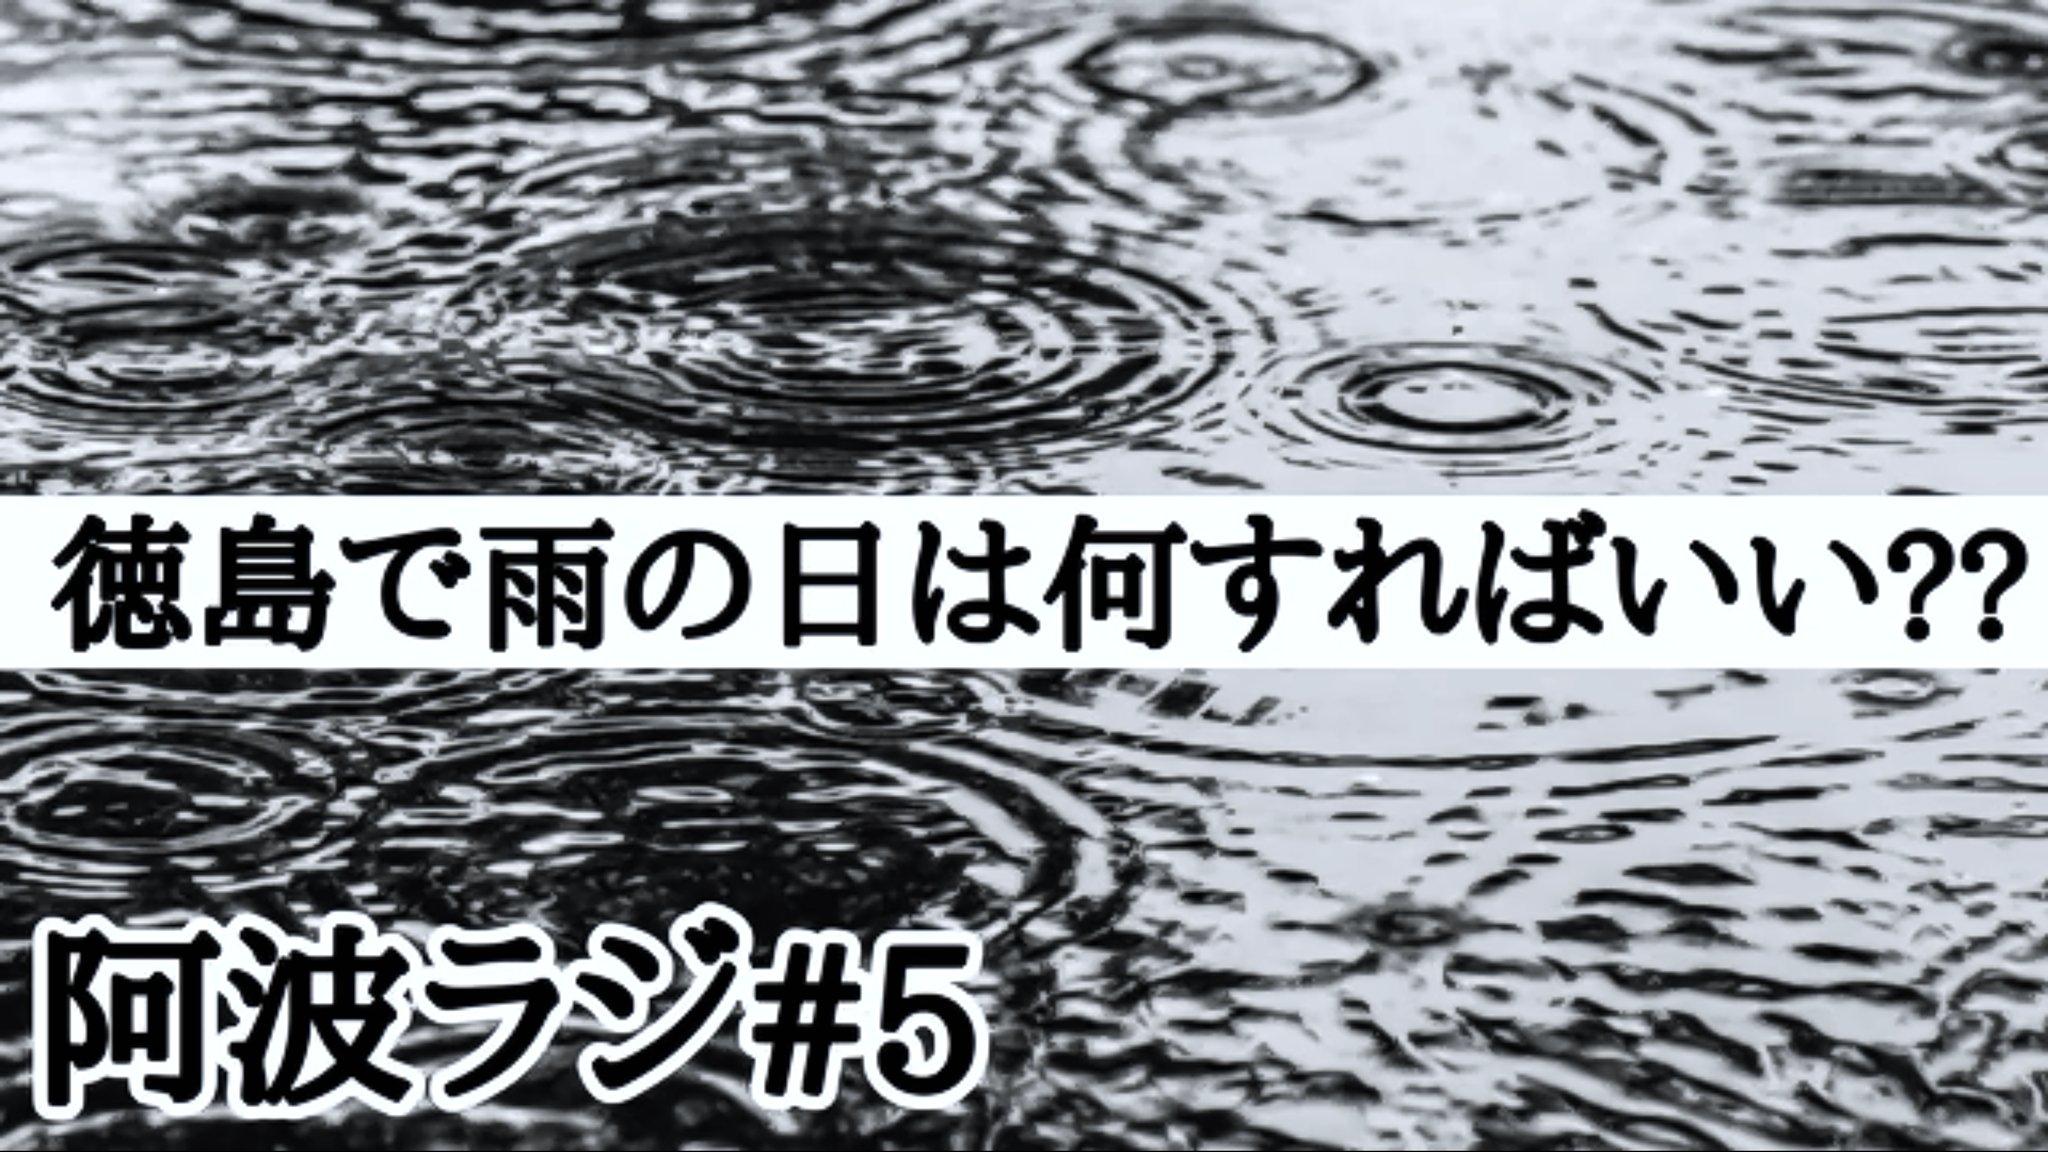 【阿波ラジ】 徳島で雨の日何をすればいいの?